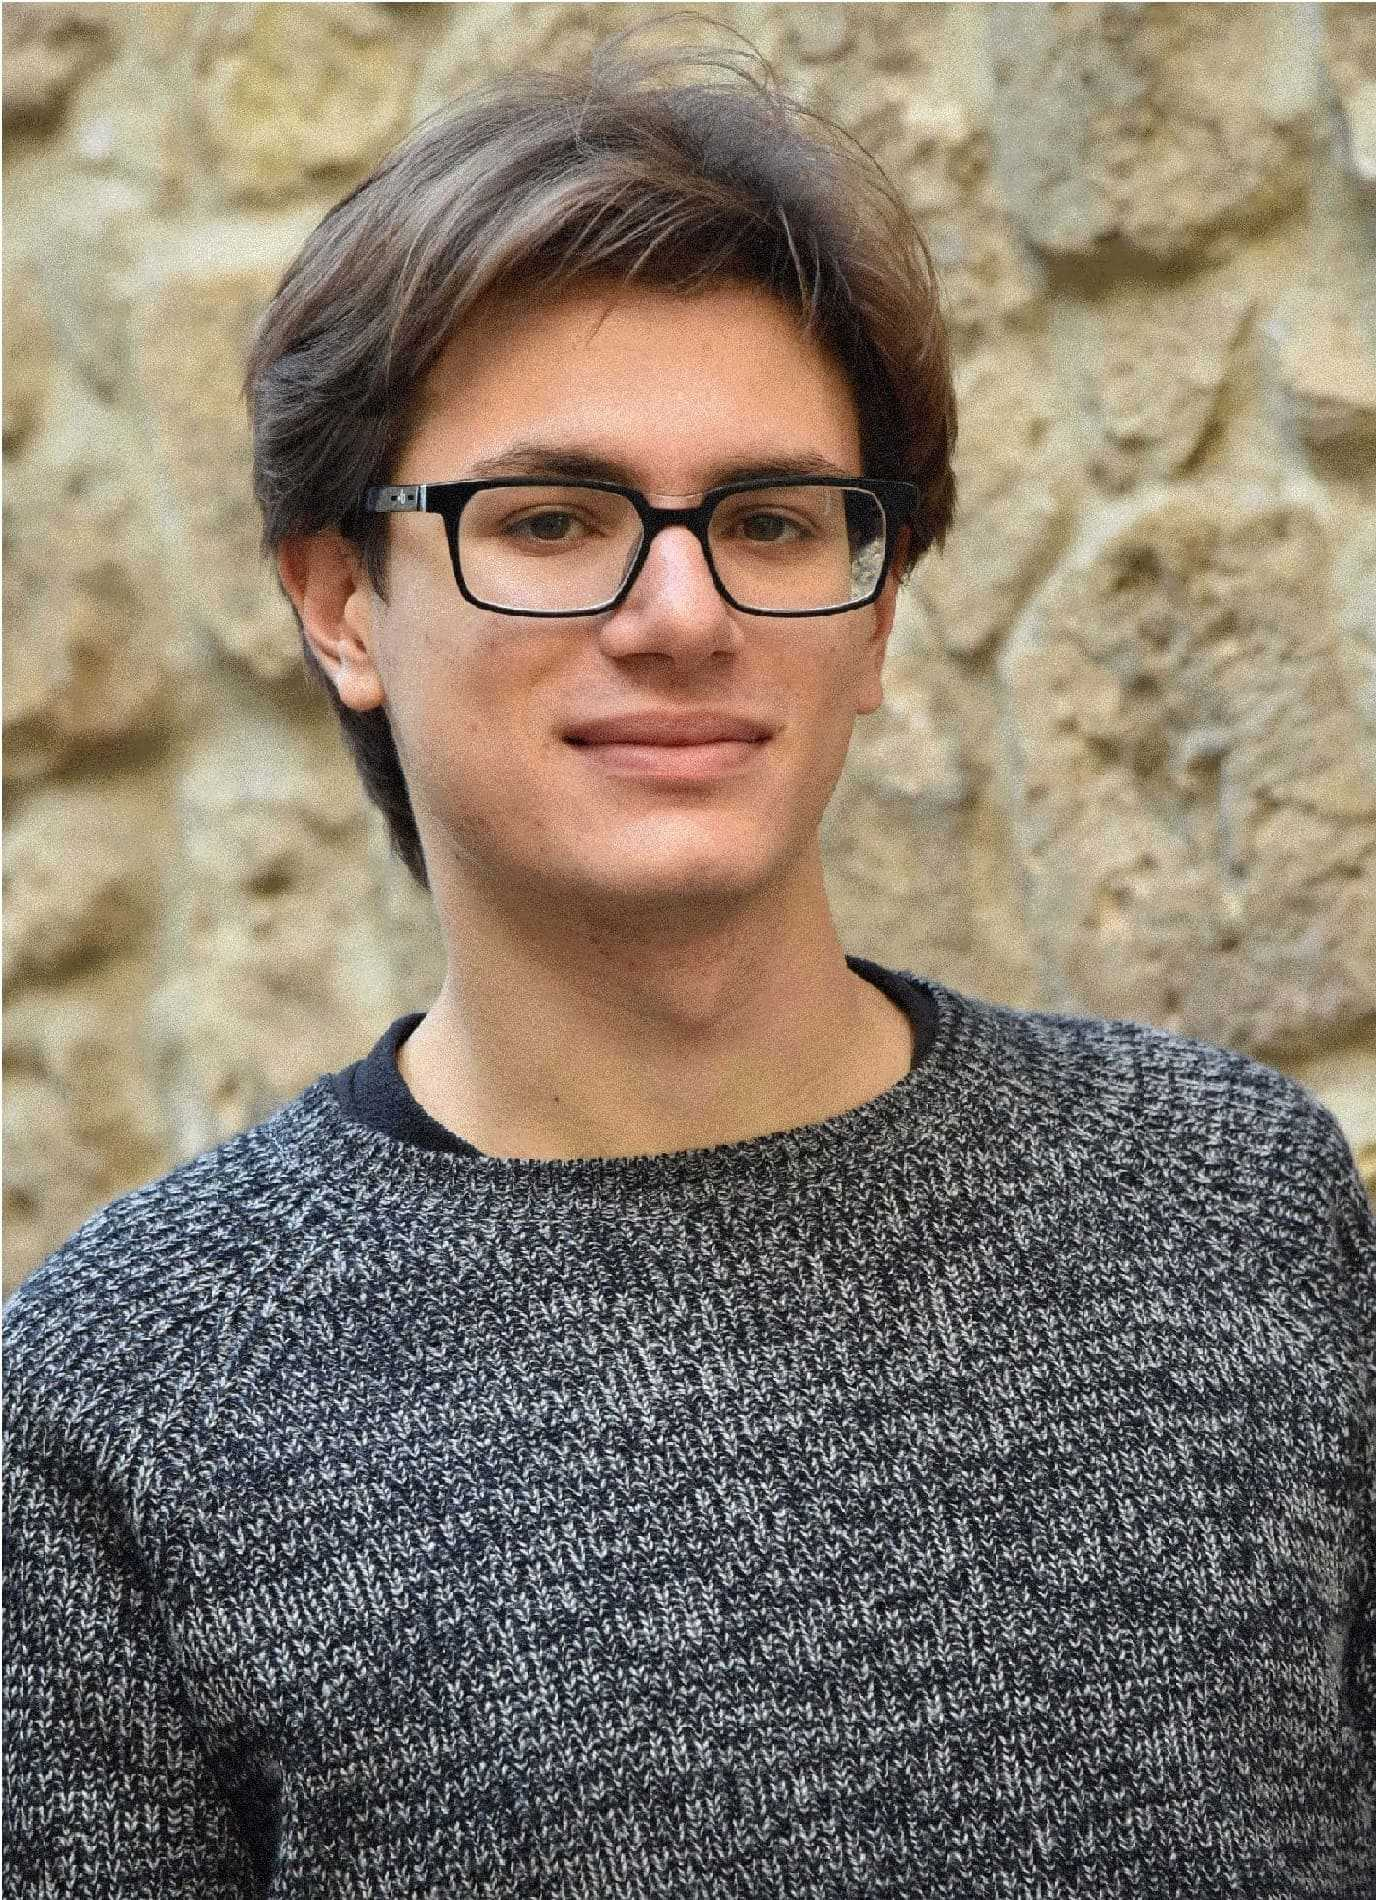 Lorenzo Mazzotta